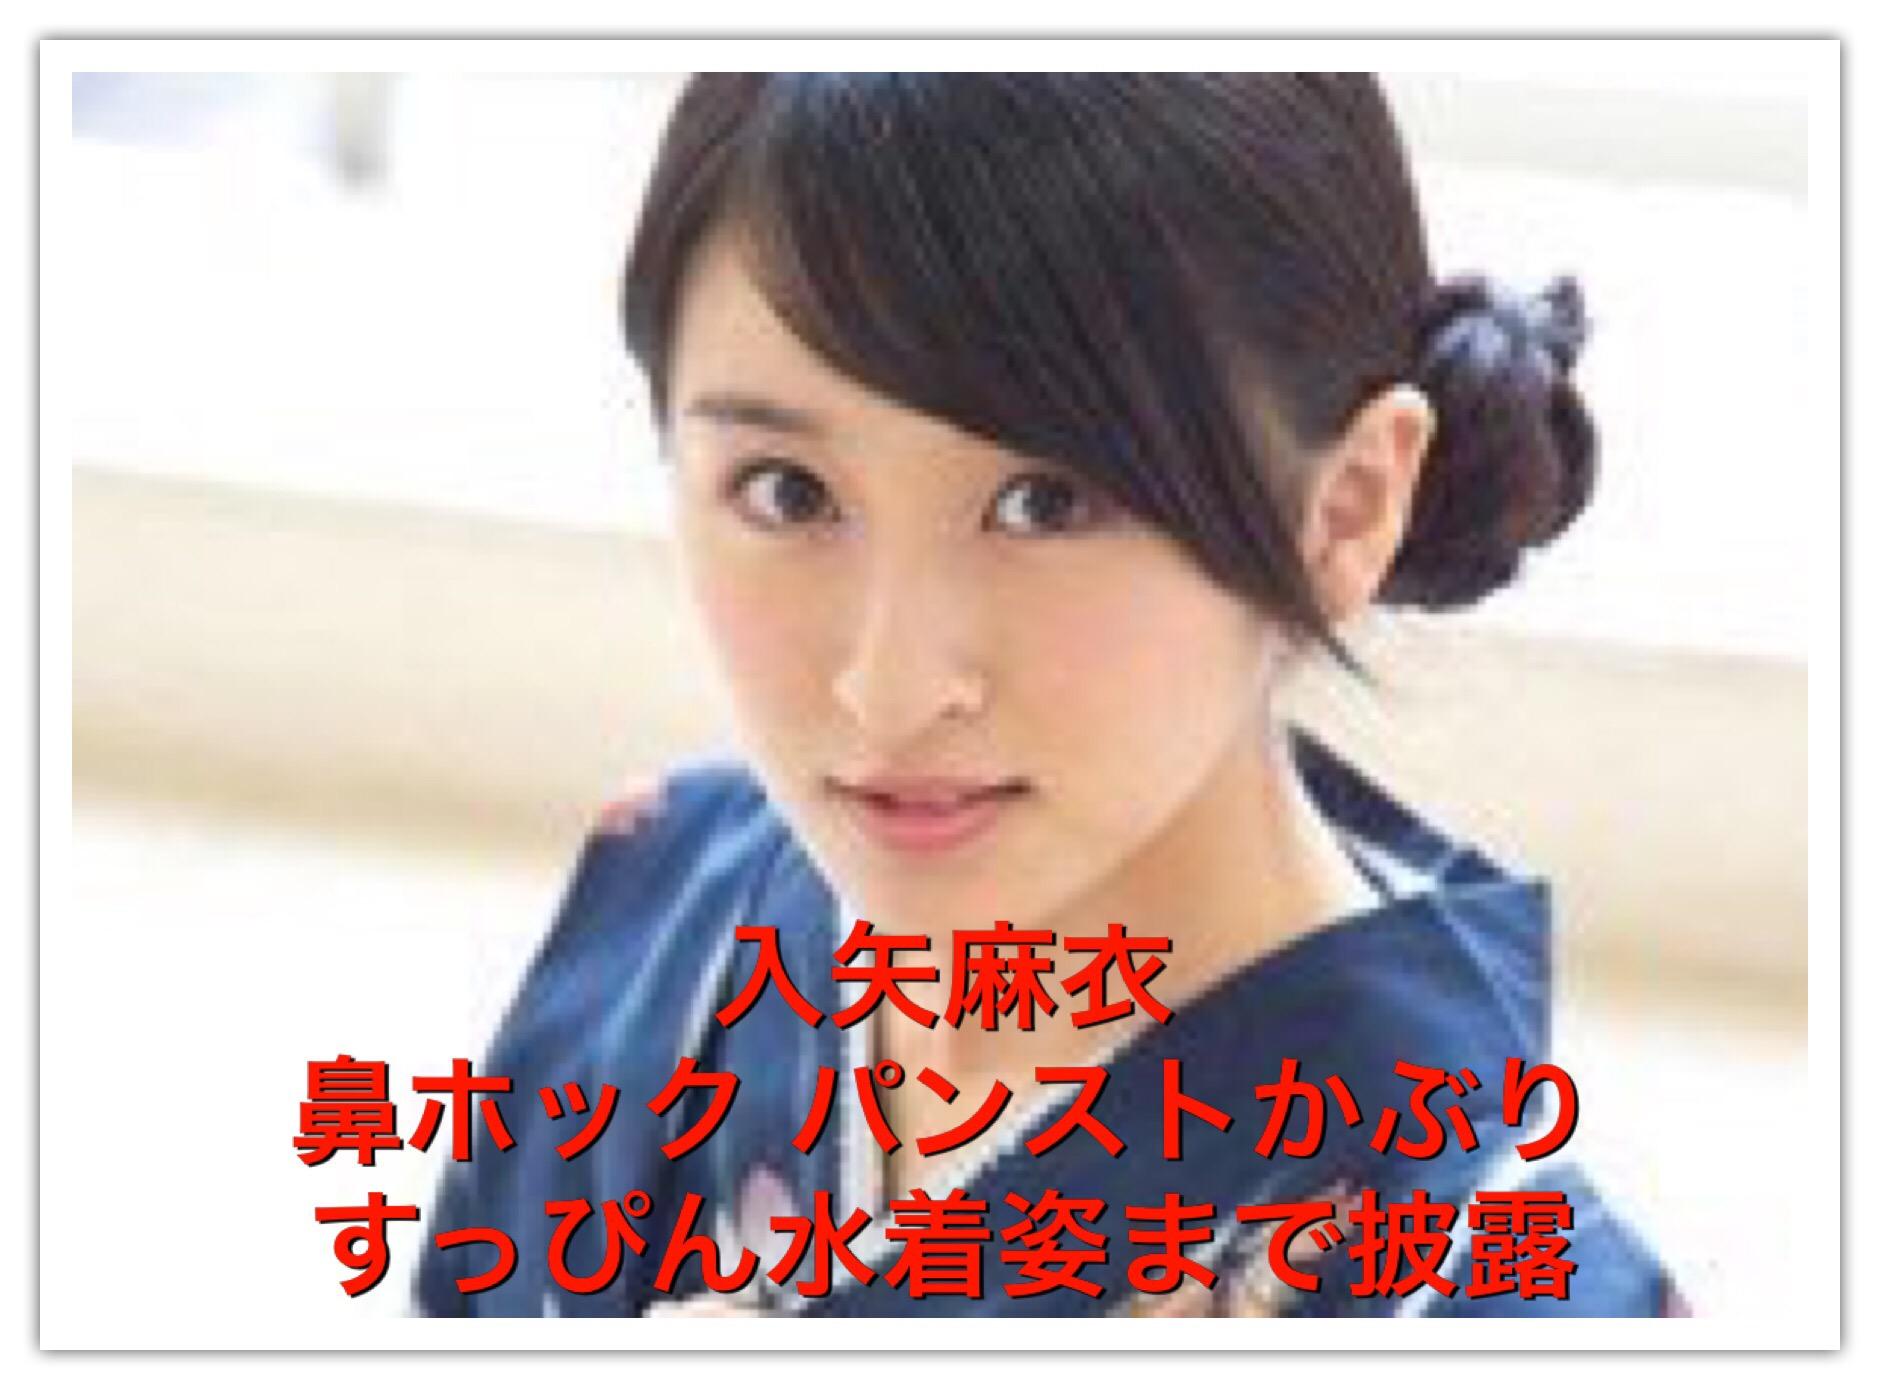 入矢麻衣さんのポートレート